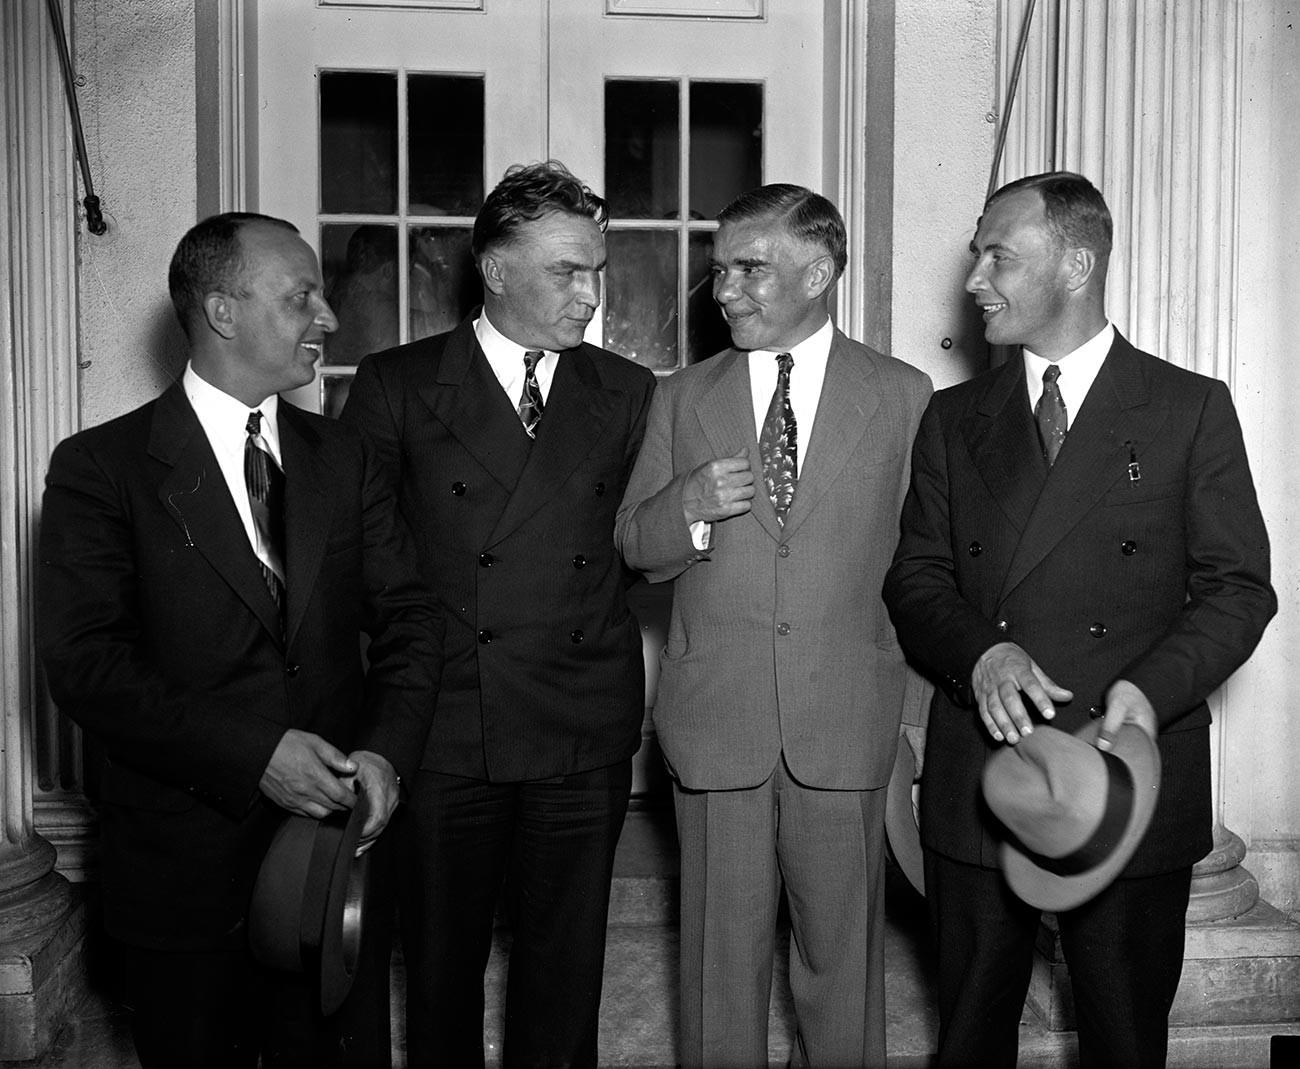 Bajdukov, Čkalov, opunomoćeni predstavnik SSSR-a Trojanovski i Beljakov poslije prijema kod predsjednika SAD-a Roosevelta u Bijeloj kući 28. lipnja 1937.